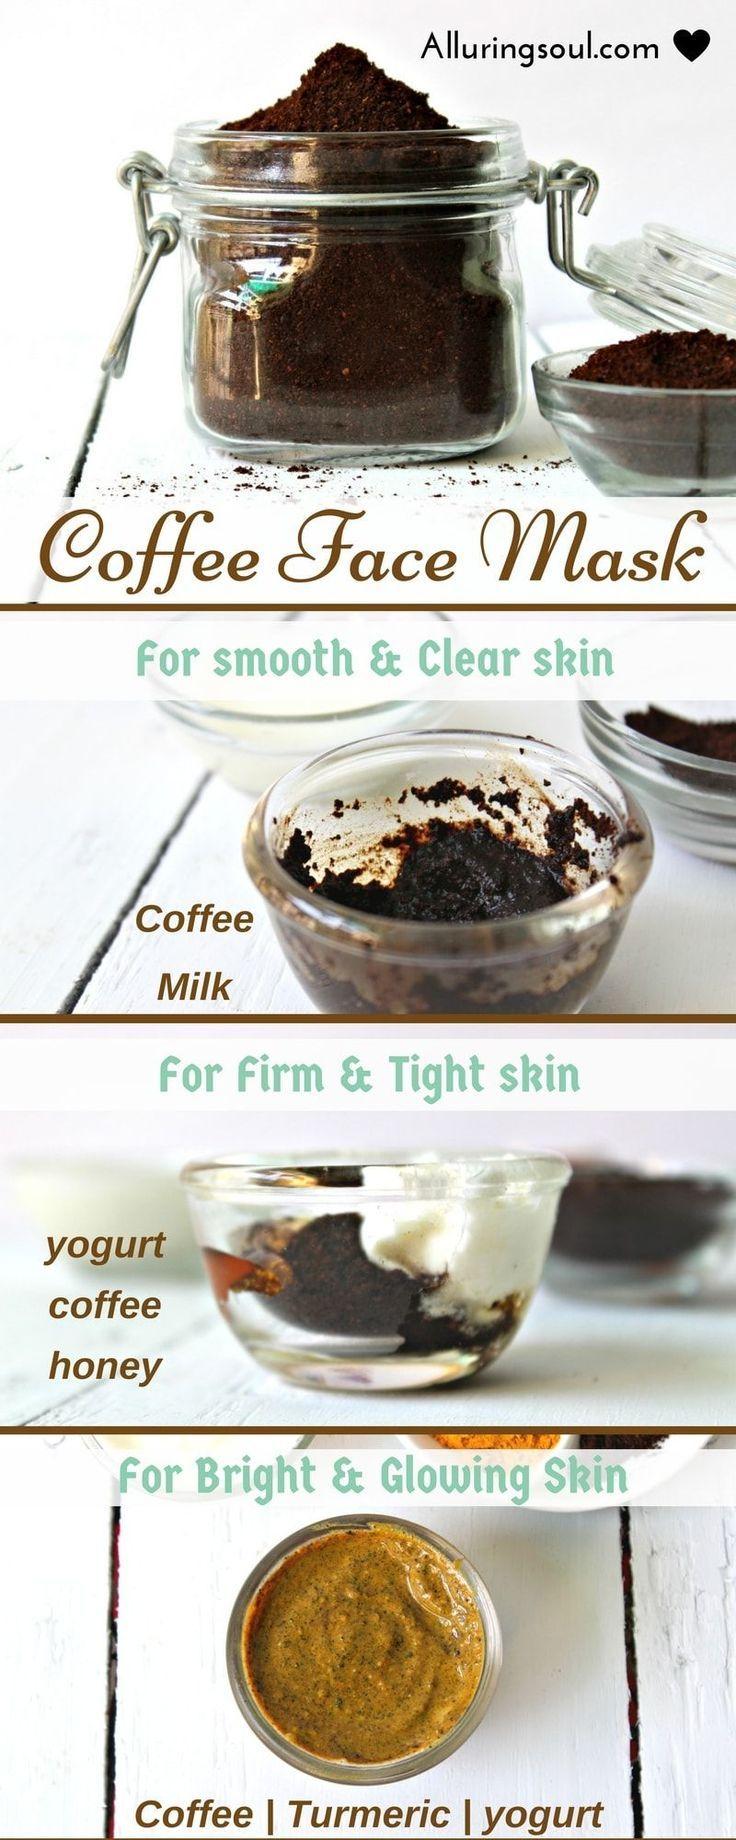 3 Kaffee-Gesichtsmaske für natürlich klare und schöne Haut